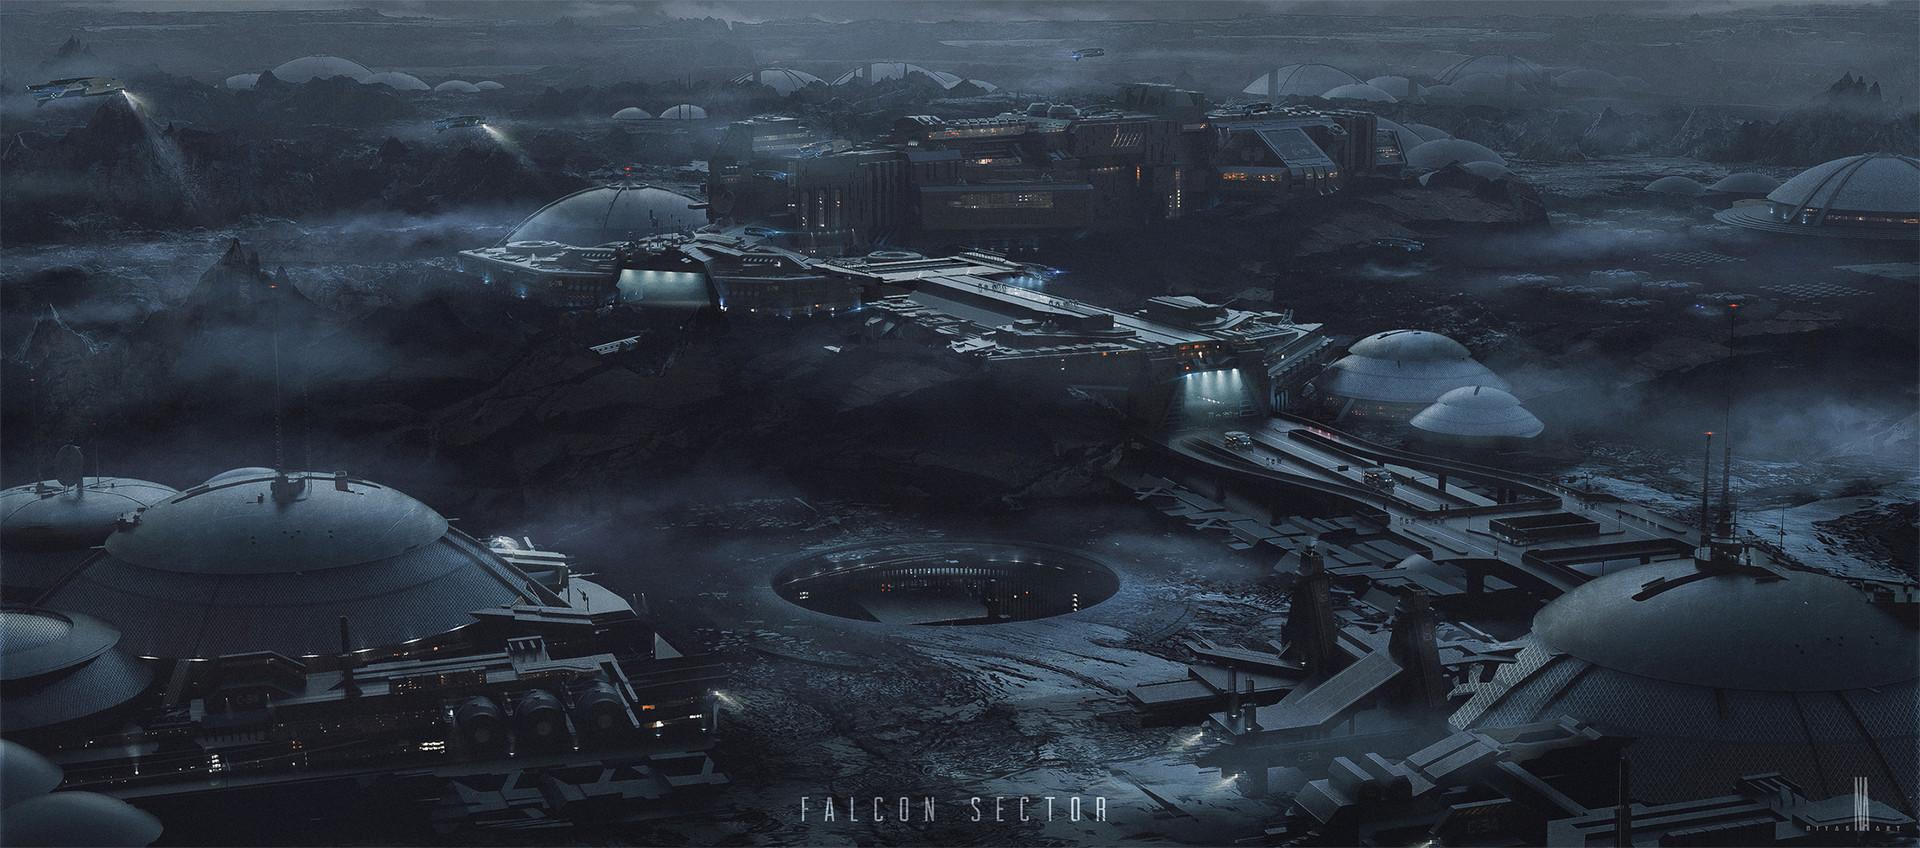 niyas-ck-falcon-sector-x.jpg?1491159779